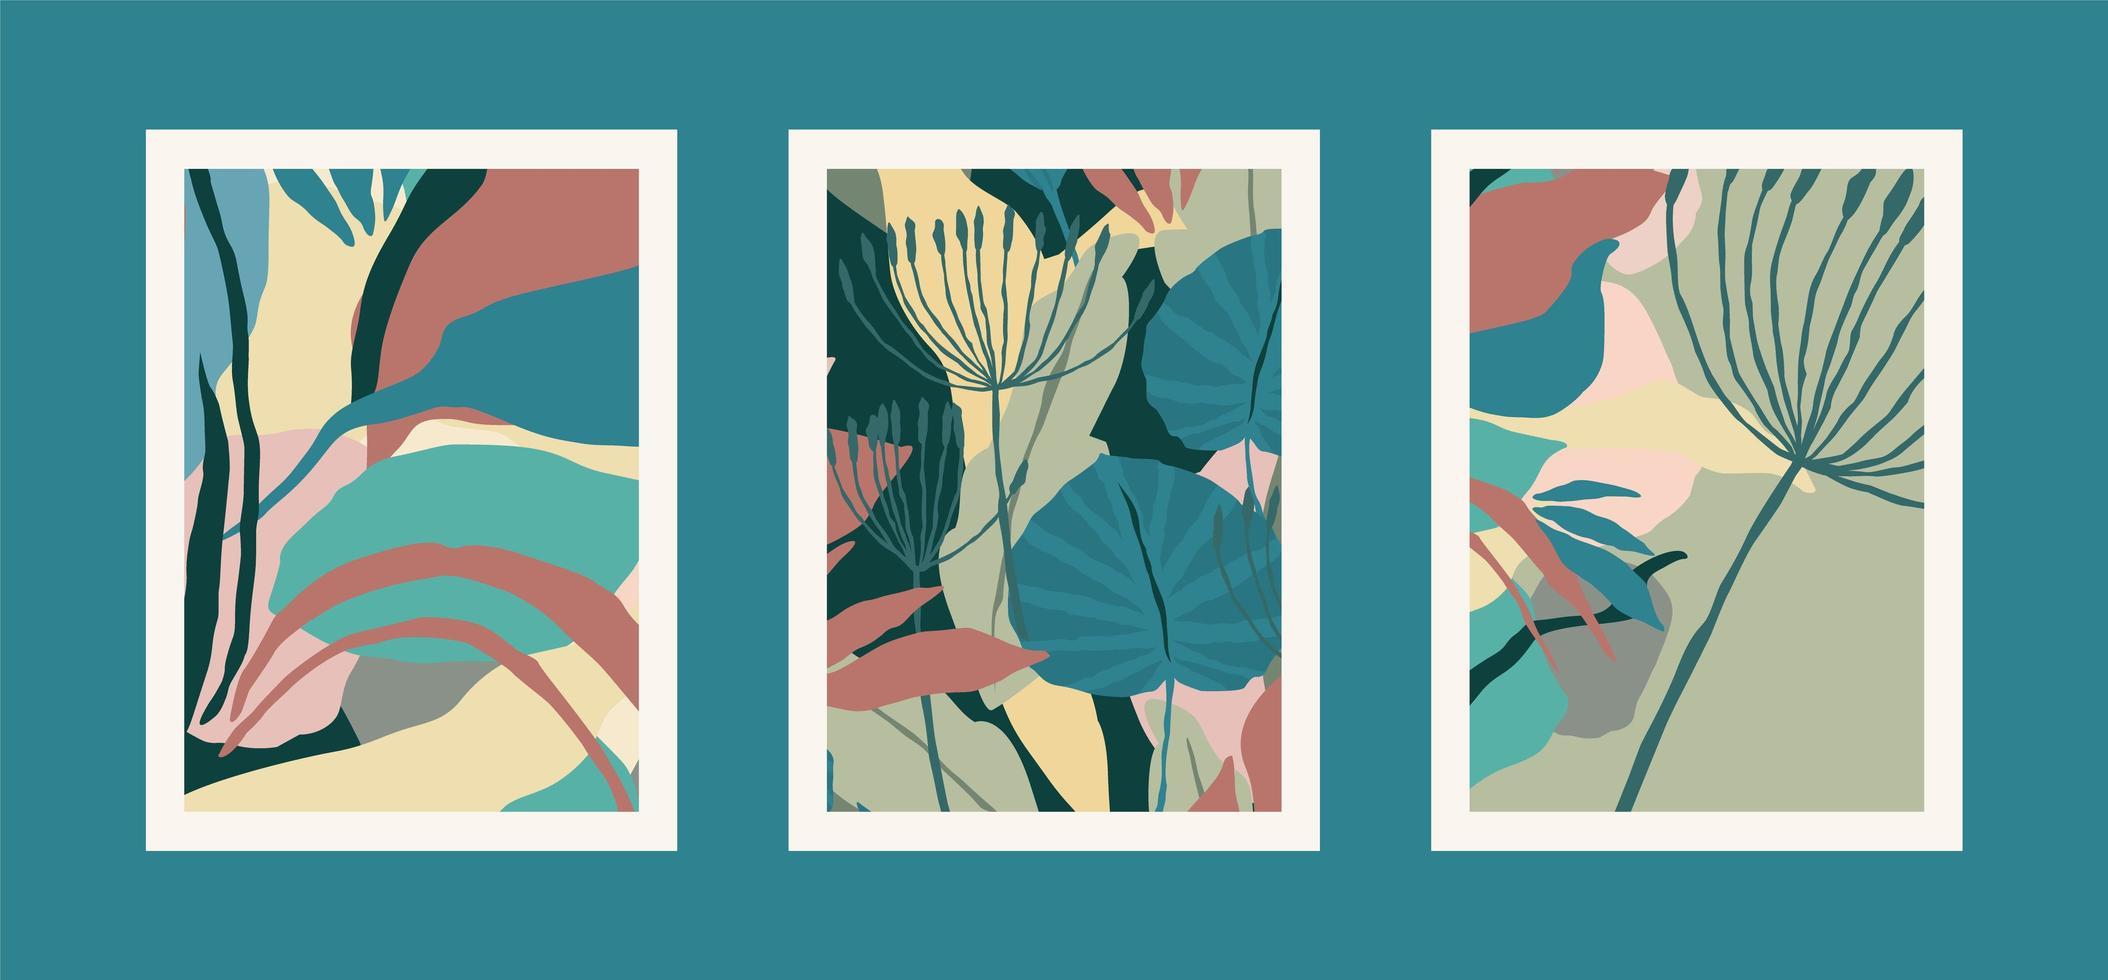 colección de impresiones artísticas con hojas abstractas vector